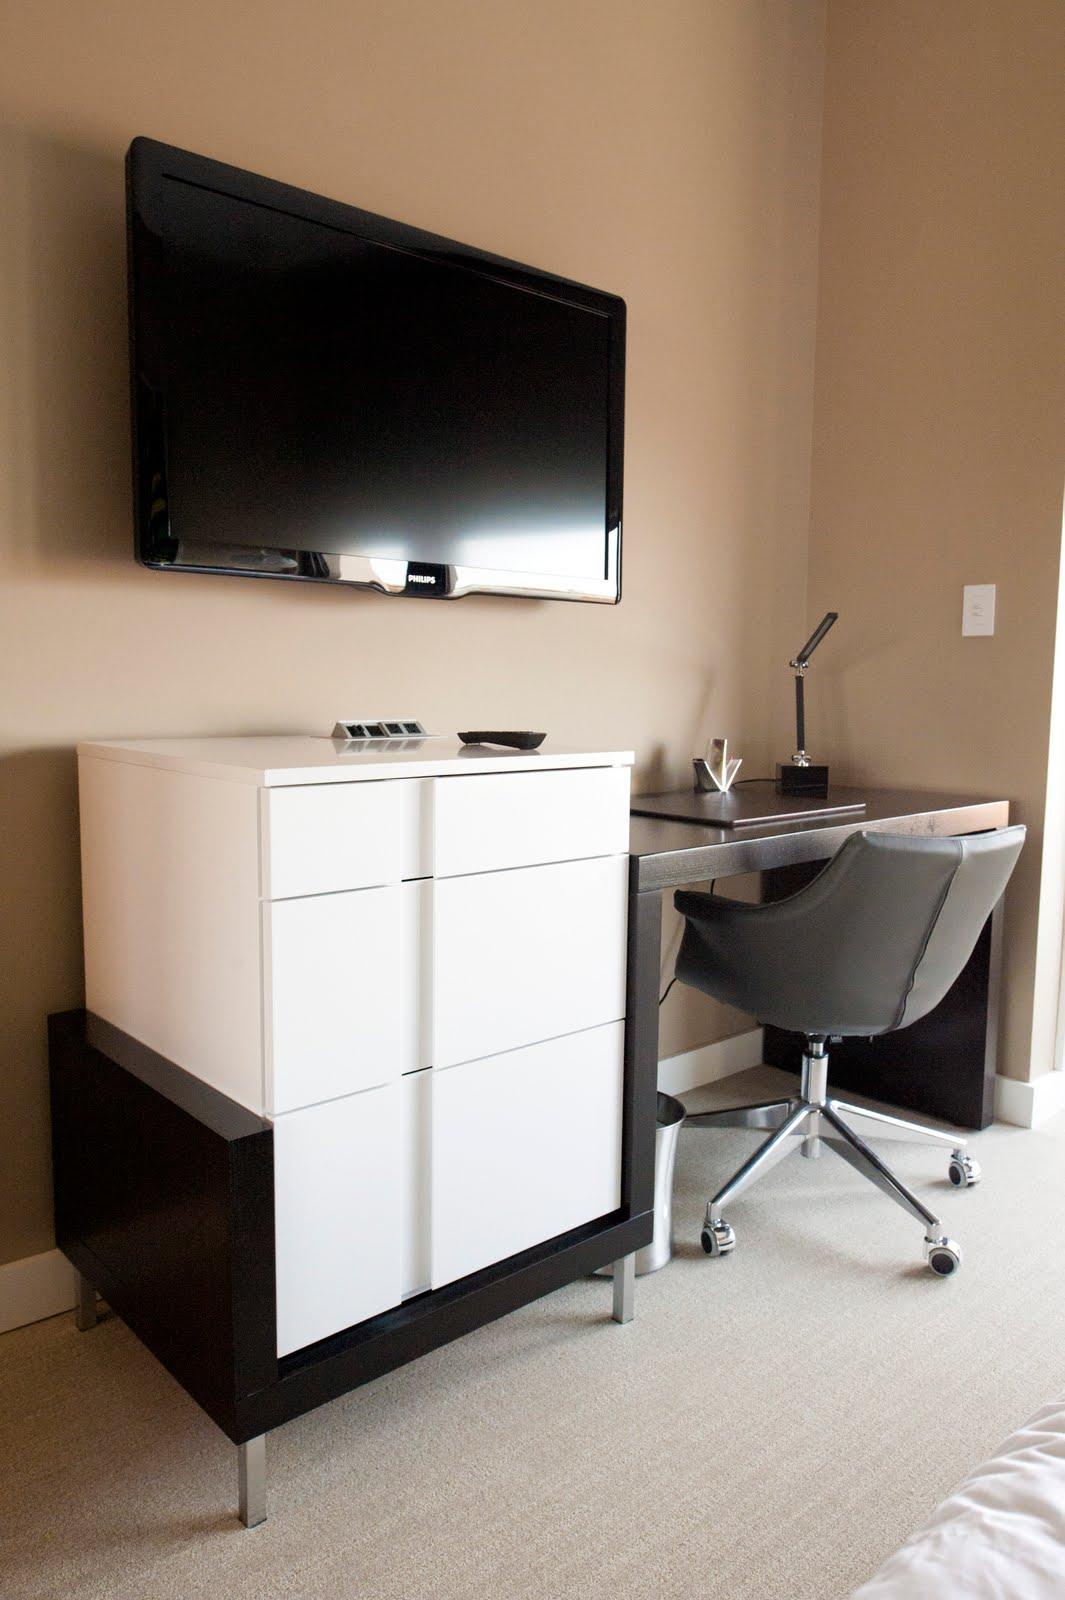 ROTHERHAM design: Hotel Ignacio - Guest Room Furniture